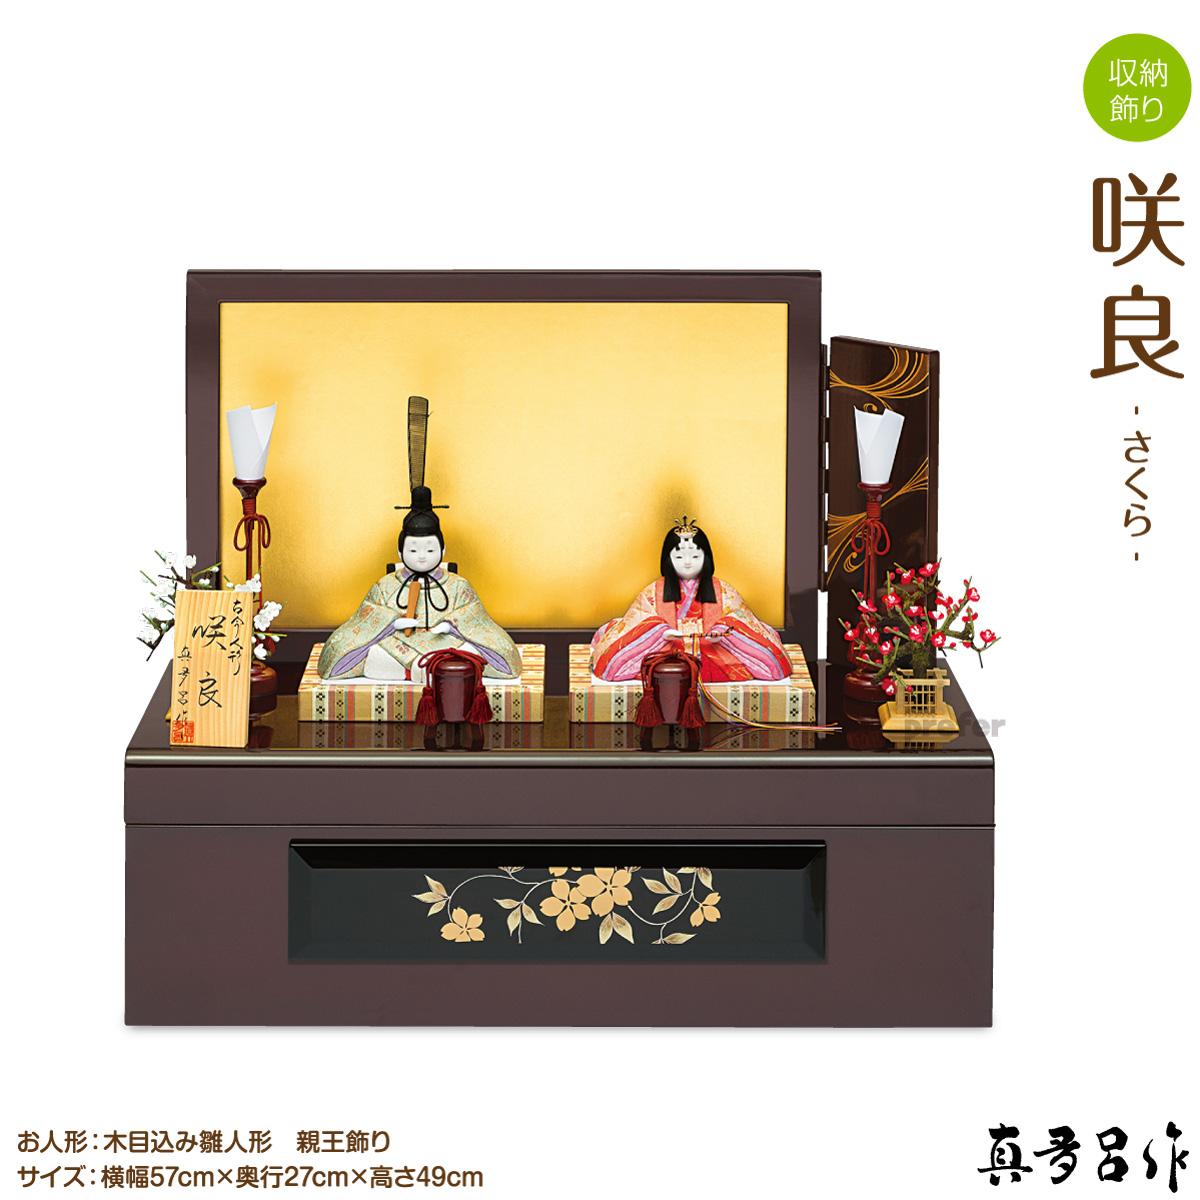 雛人形 収納飾り 真多呂作咲良(さくら) 収納式 コンパクト 収納雛 特選